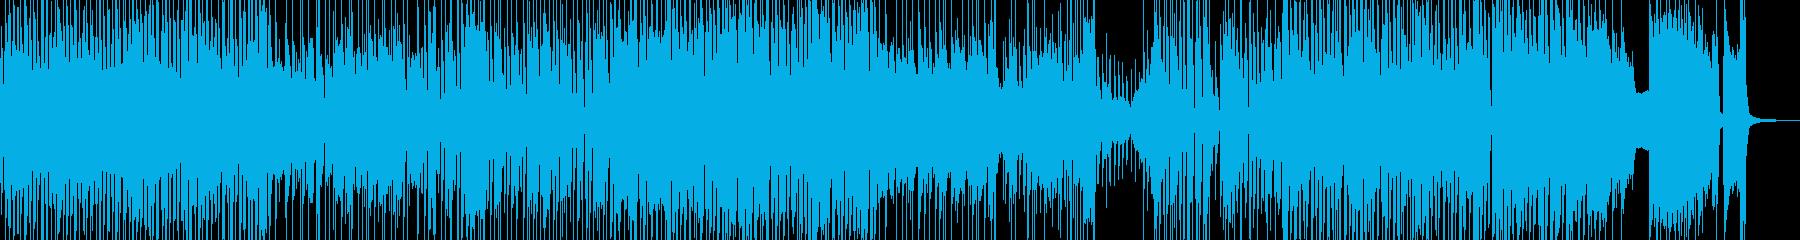 でこぼこ田舎道・弾けるジャズポップ 短尺の再生済みの波形